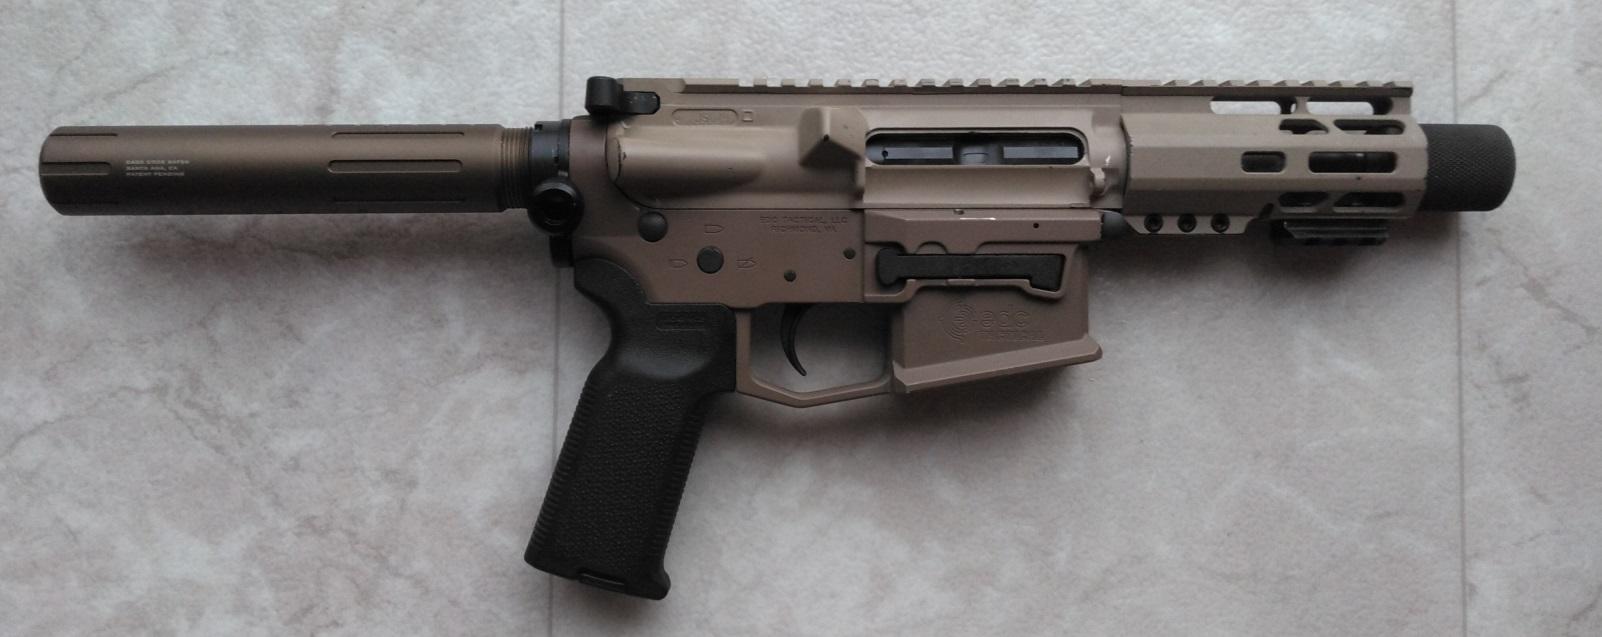 AR 40 S&W Pistol-40r.jpg